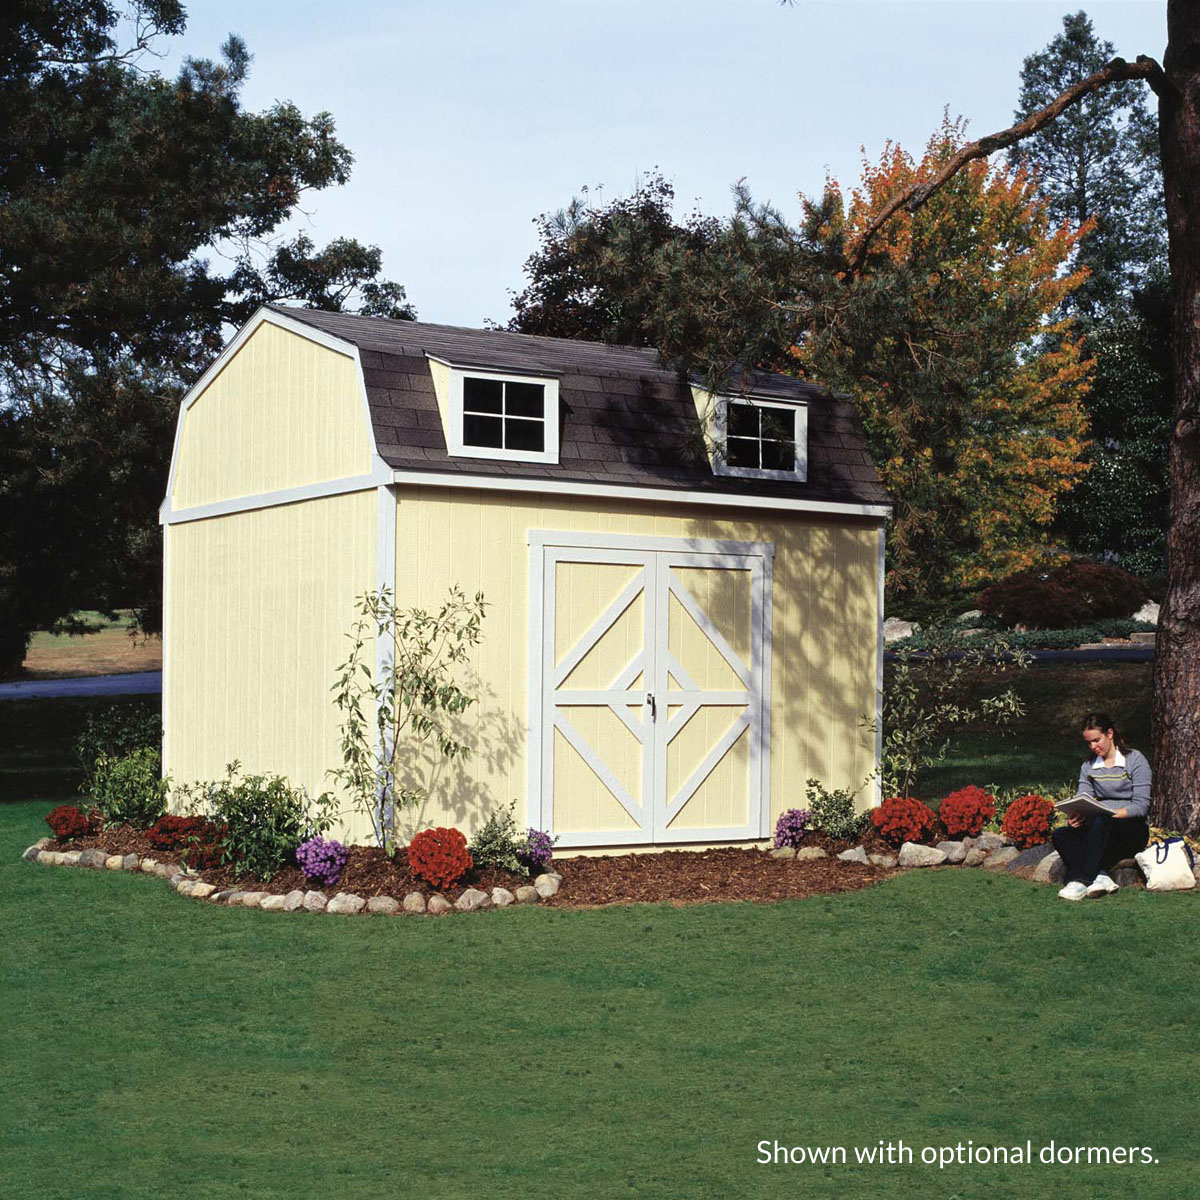 Modern Garden Sheds Transform Yours Now: Sheds For Yard Storage Or Backyard Workshop